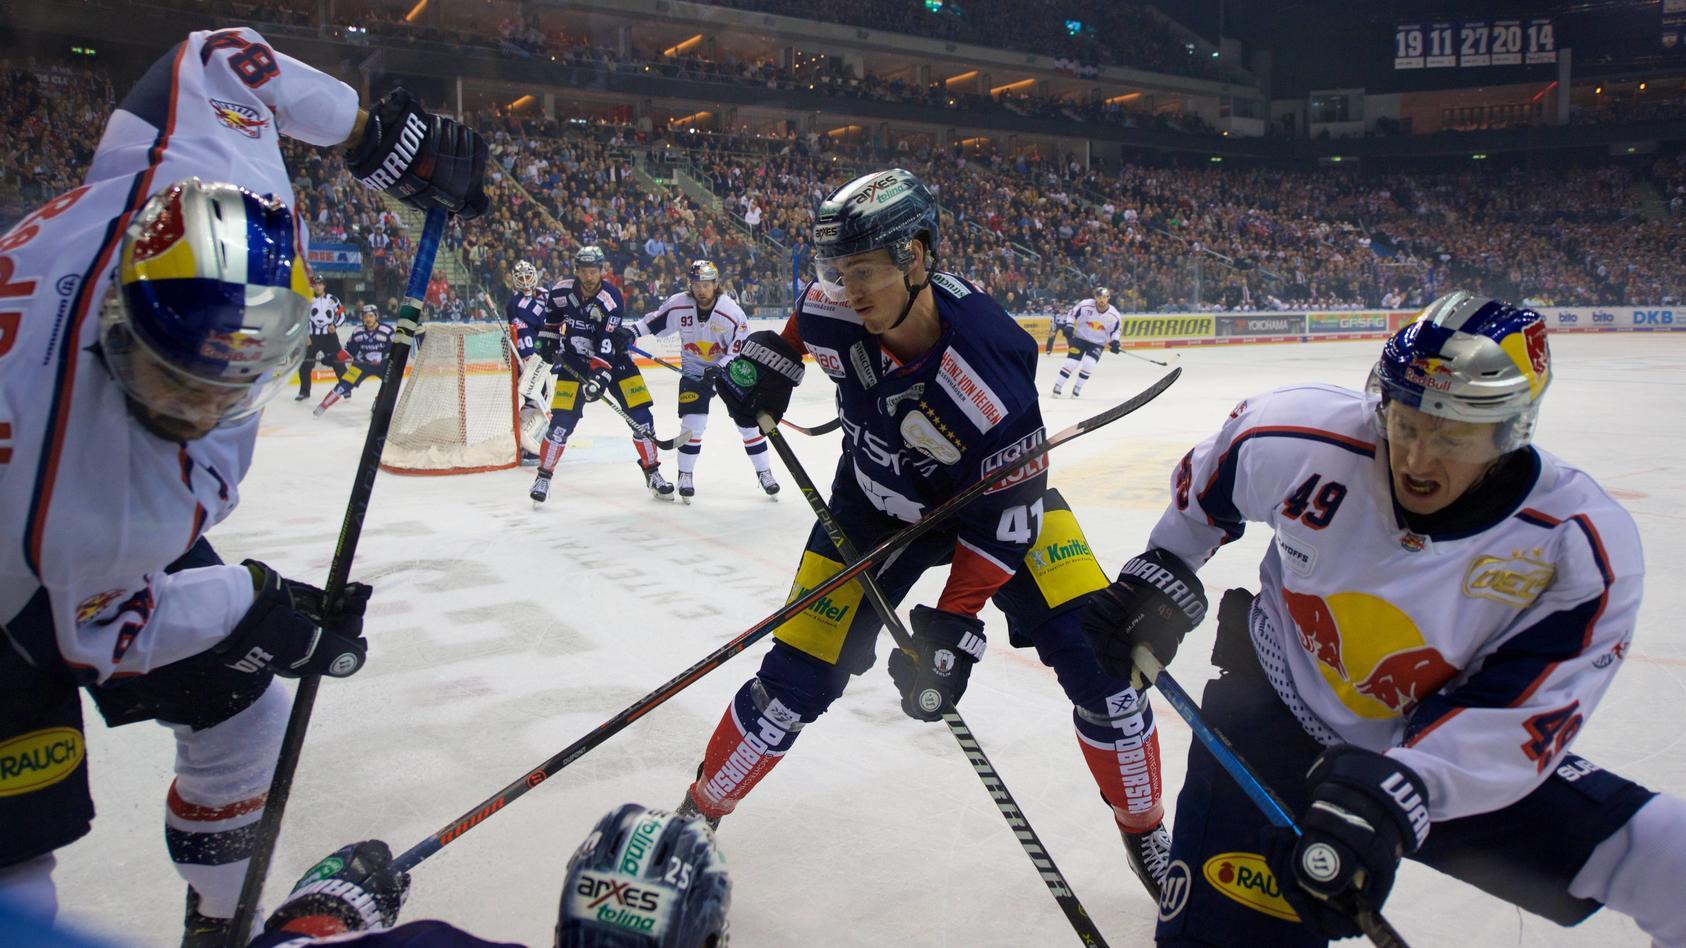 Eishockey DEL 1 Bundesliga Berlin 29 03 2019 Mercedes Benz Areans Saison 2018 2019 Playoffs 6 Spie